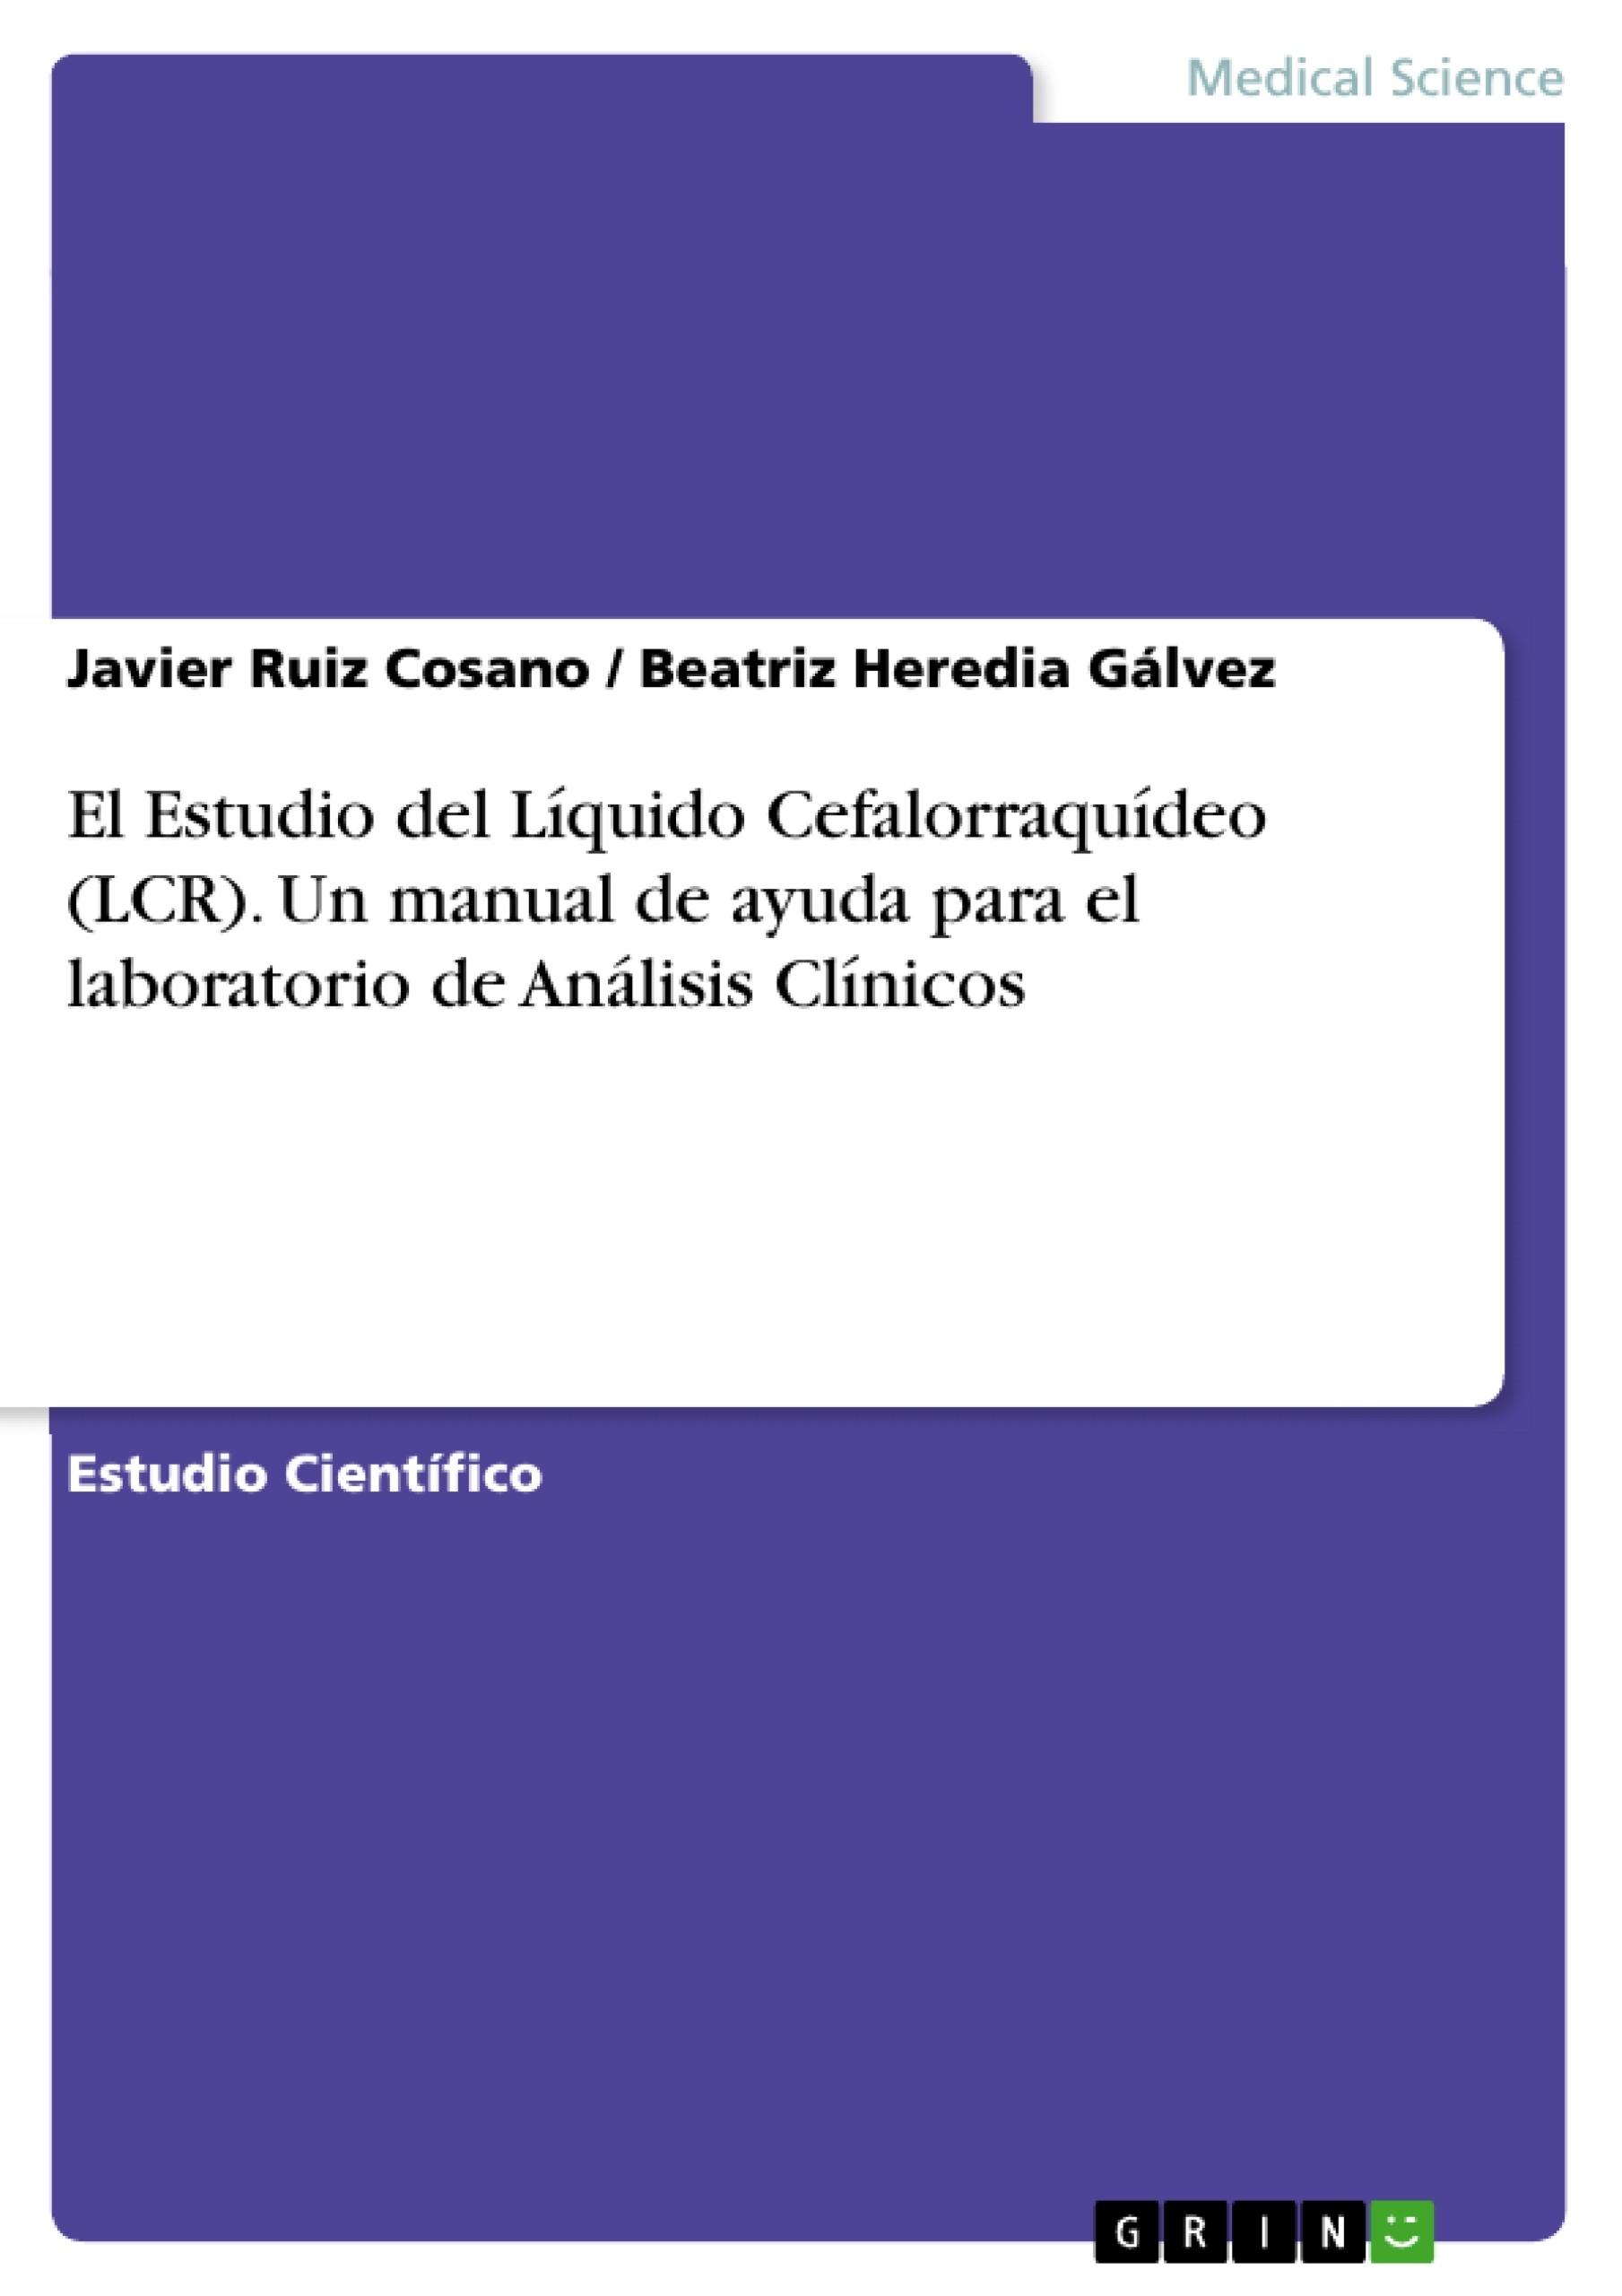 Título: El Estudio del Líquido Cefalorraquídeo (LCR). Un manual de ayuda para el laboratorio de Análisis Clínicos